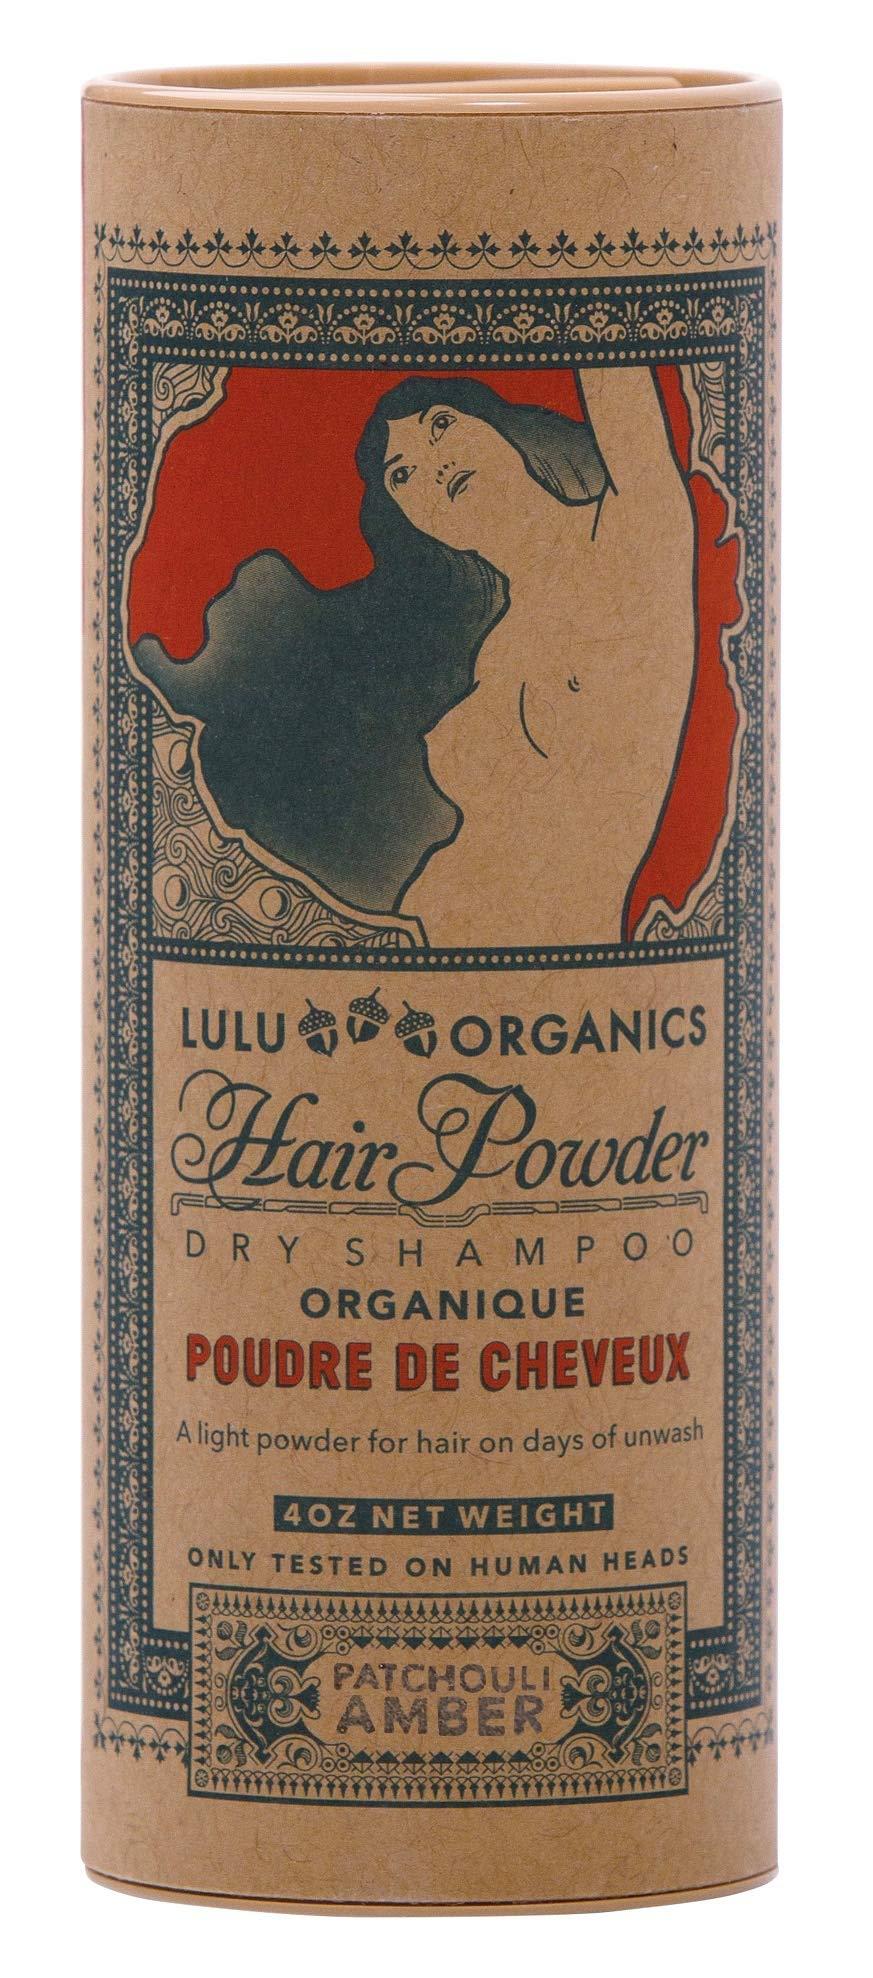 Lulu Organics Patchouli & Amber Hair Powder/Dry Shampoo - 4 oz by Lulu Organics